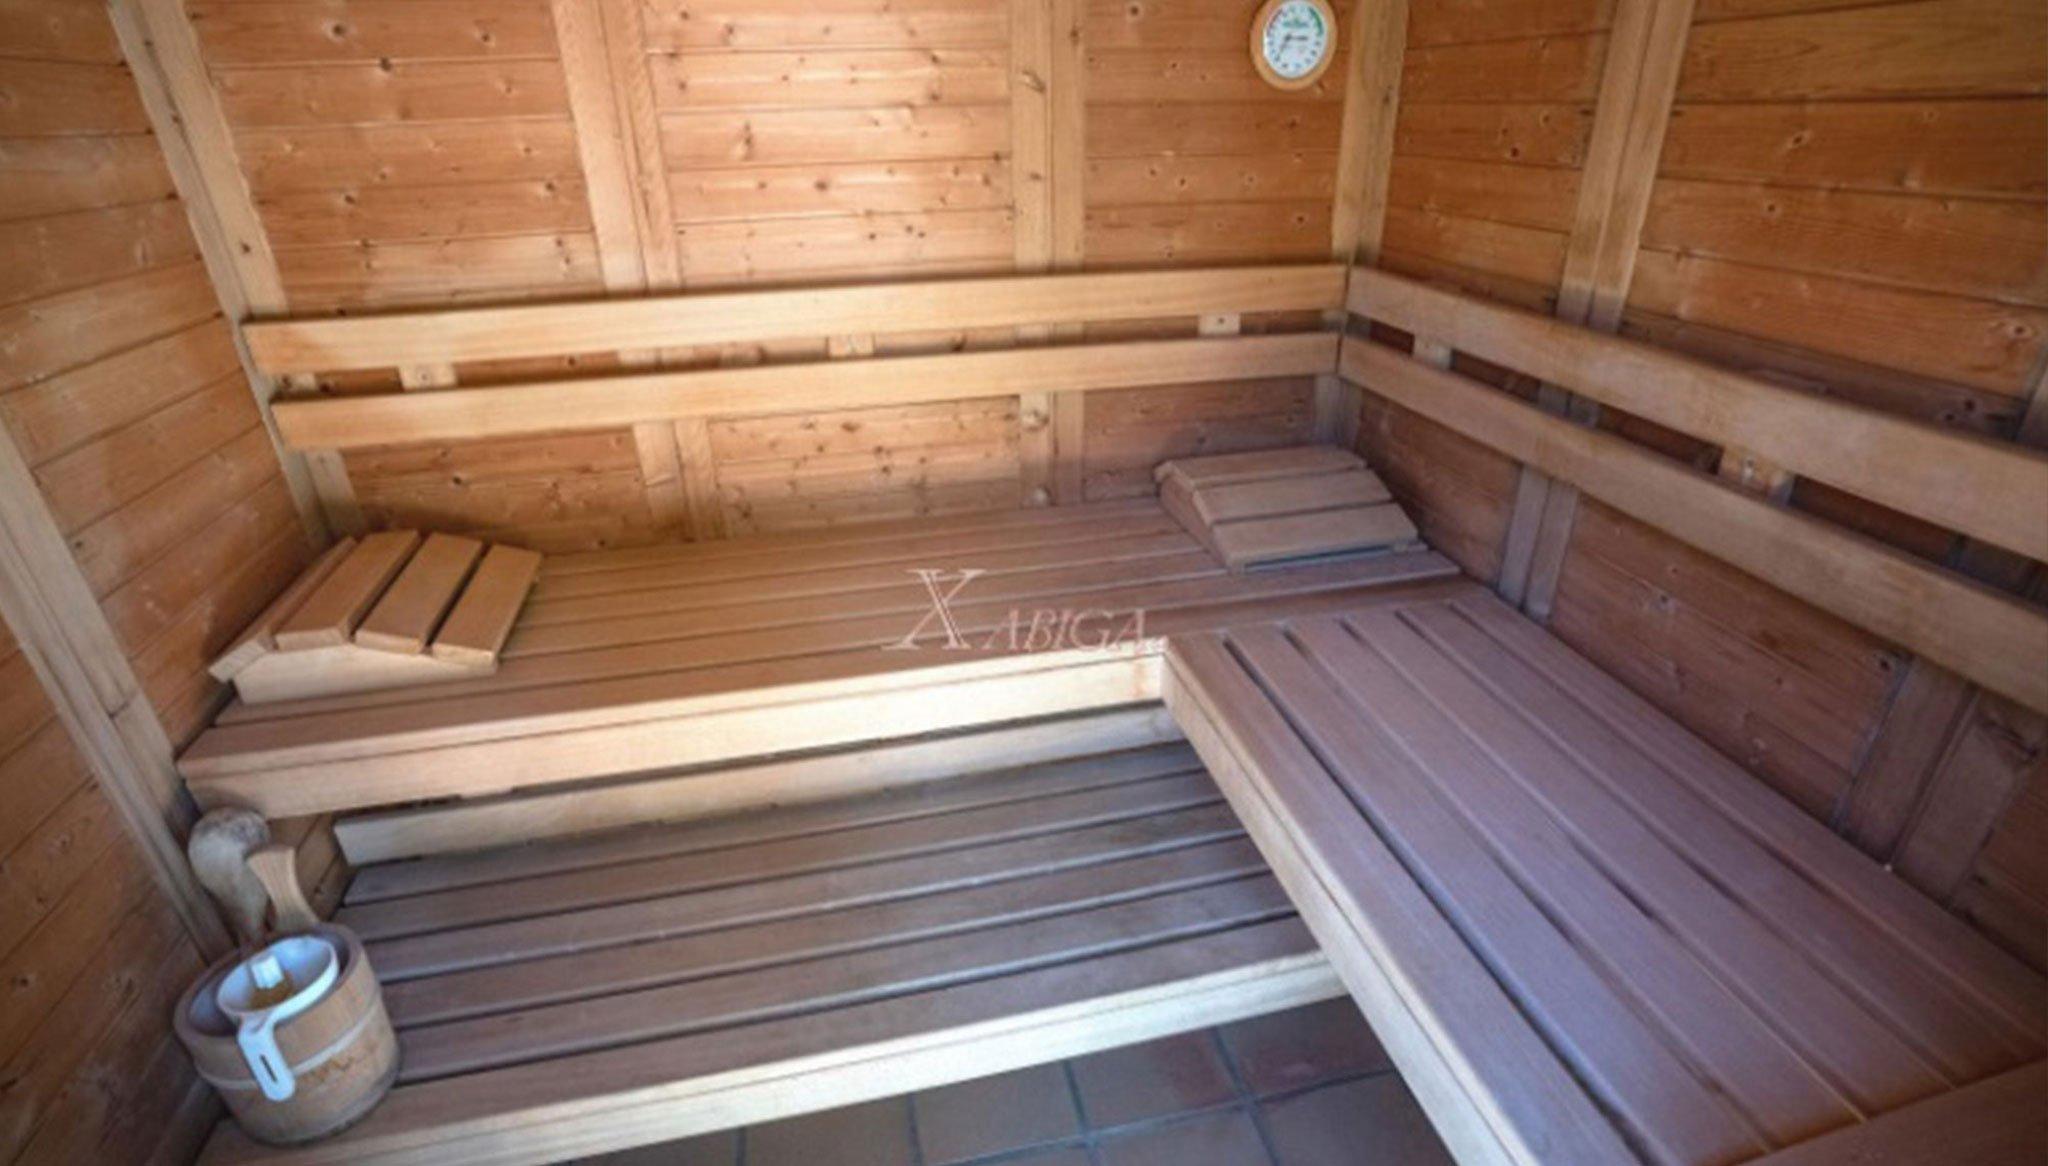 Sauna em uma vivenda à venda em Jávea - Xabiga Inmobiliaria